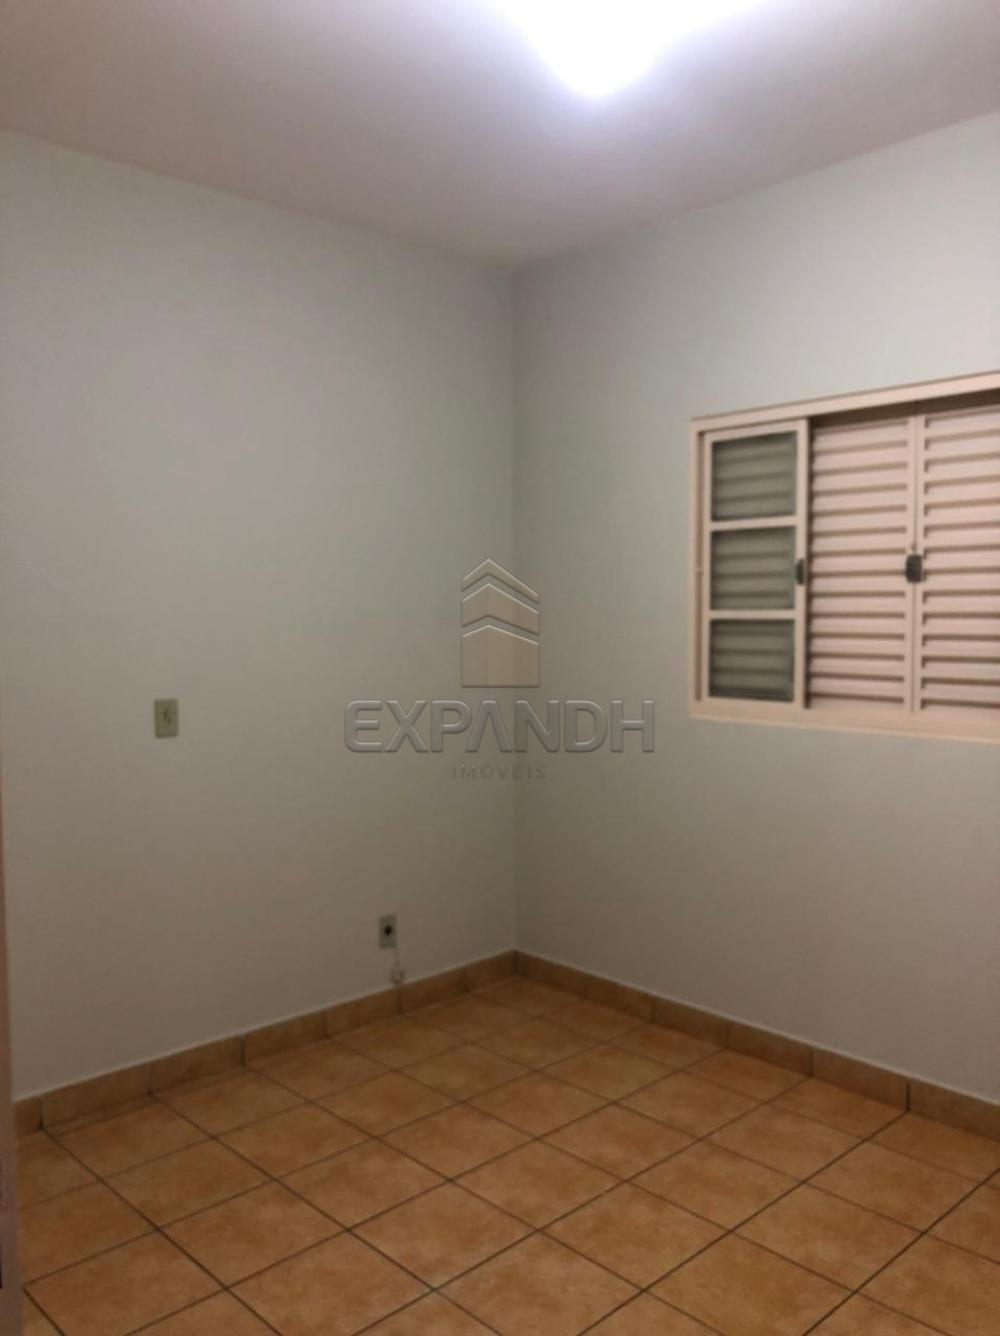 Alugar Apartamentos / Padrão em Sertãozinho R$ 900,00 - Foto 9